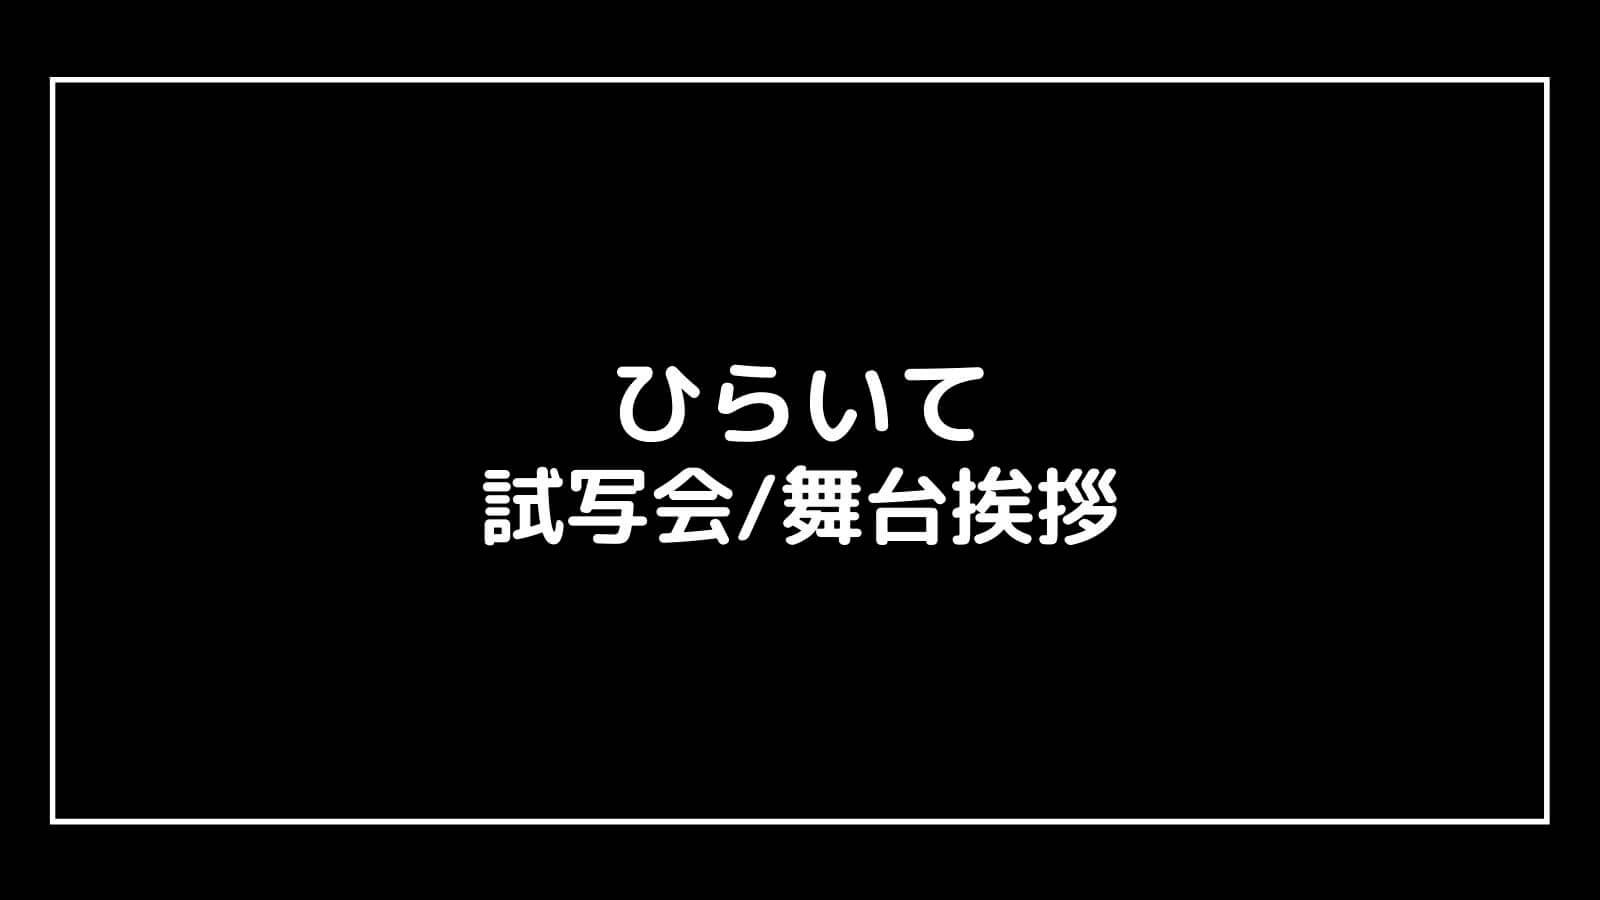 映画『ひらいて』の試写会と舞台挨拶ライブビューイング情報